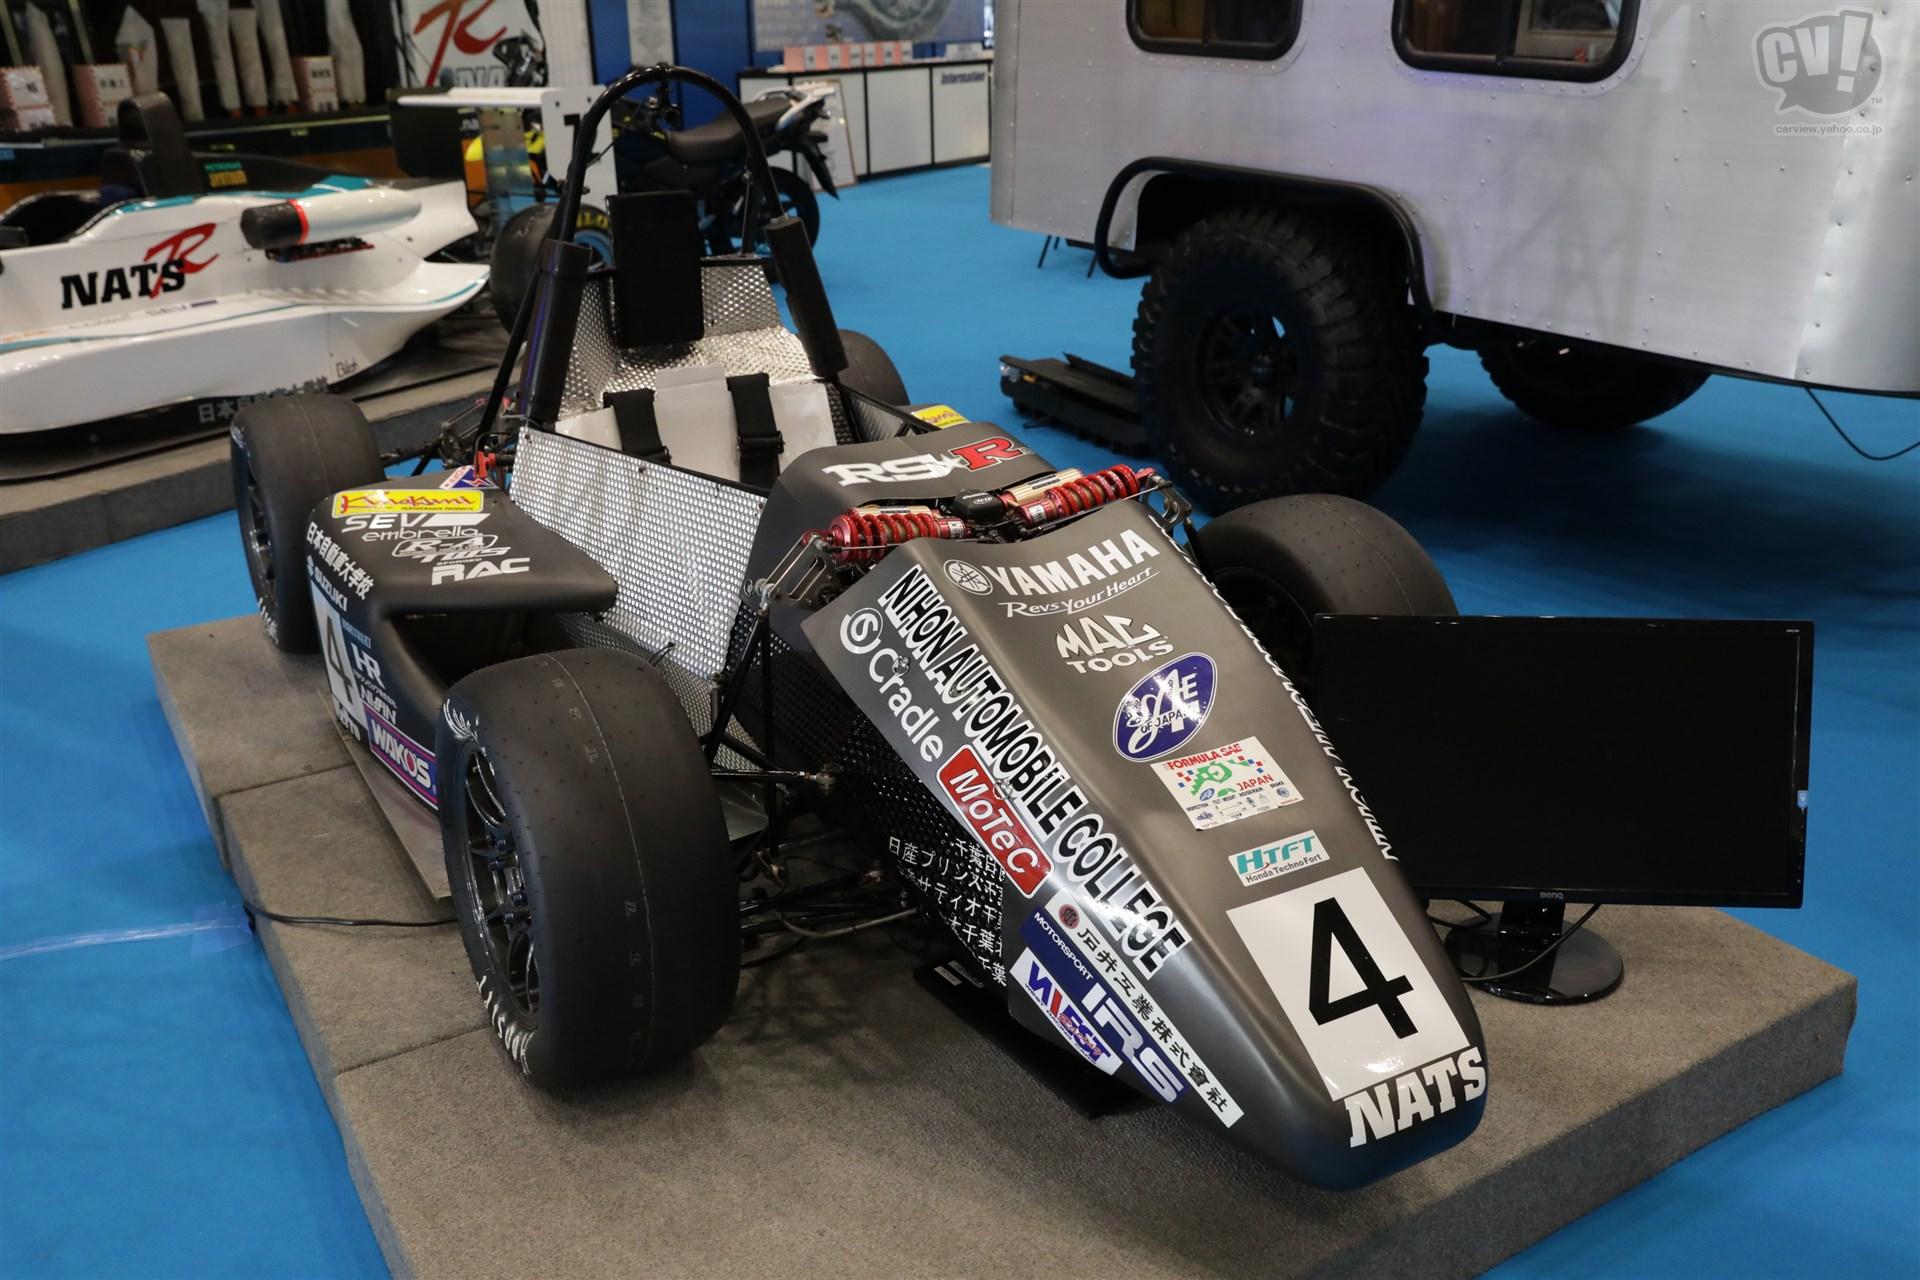 NATS 日本自動車大学校 Formula Factory NATS-09(FFN-09)